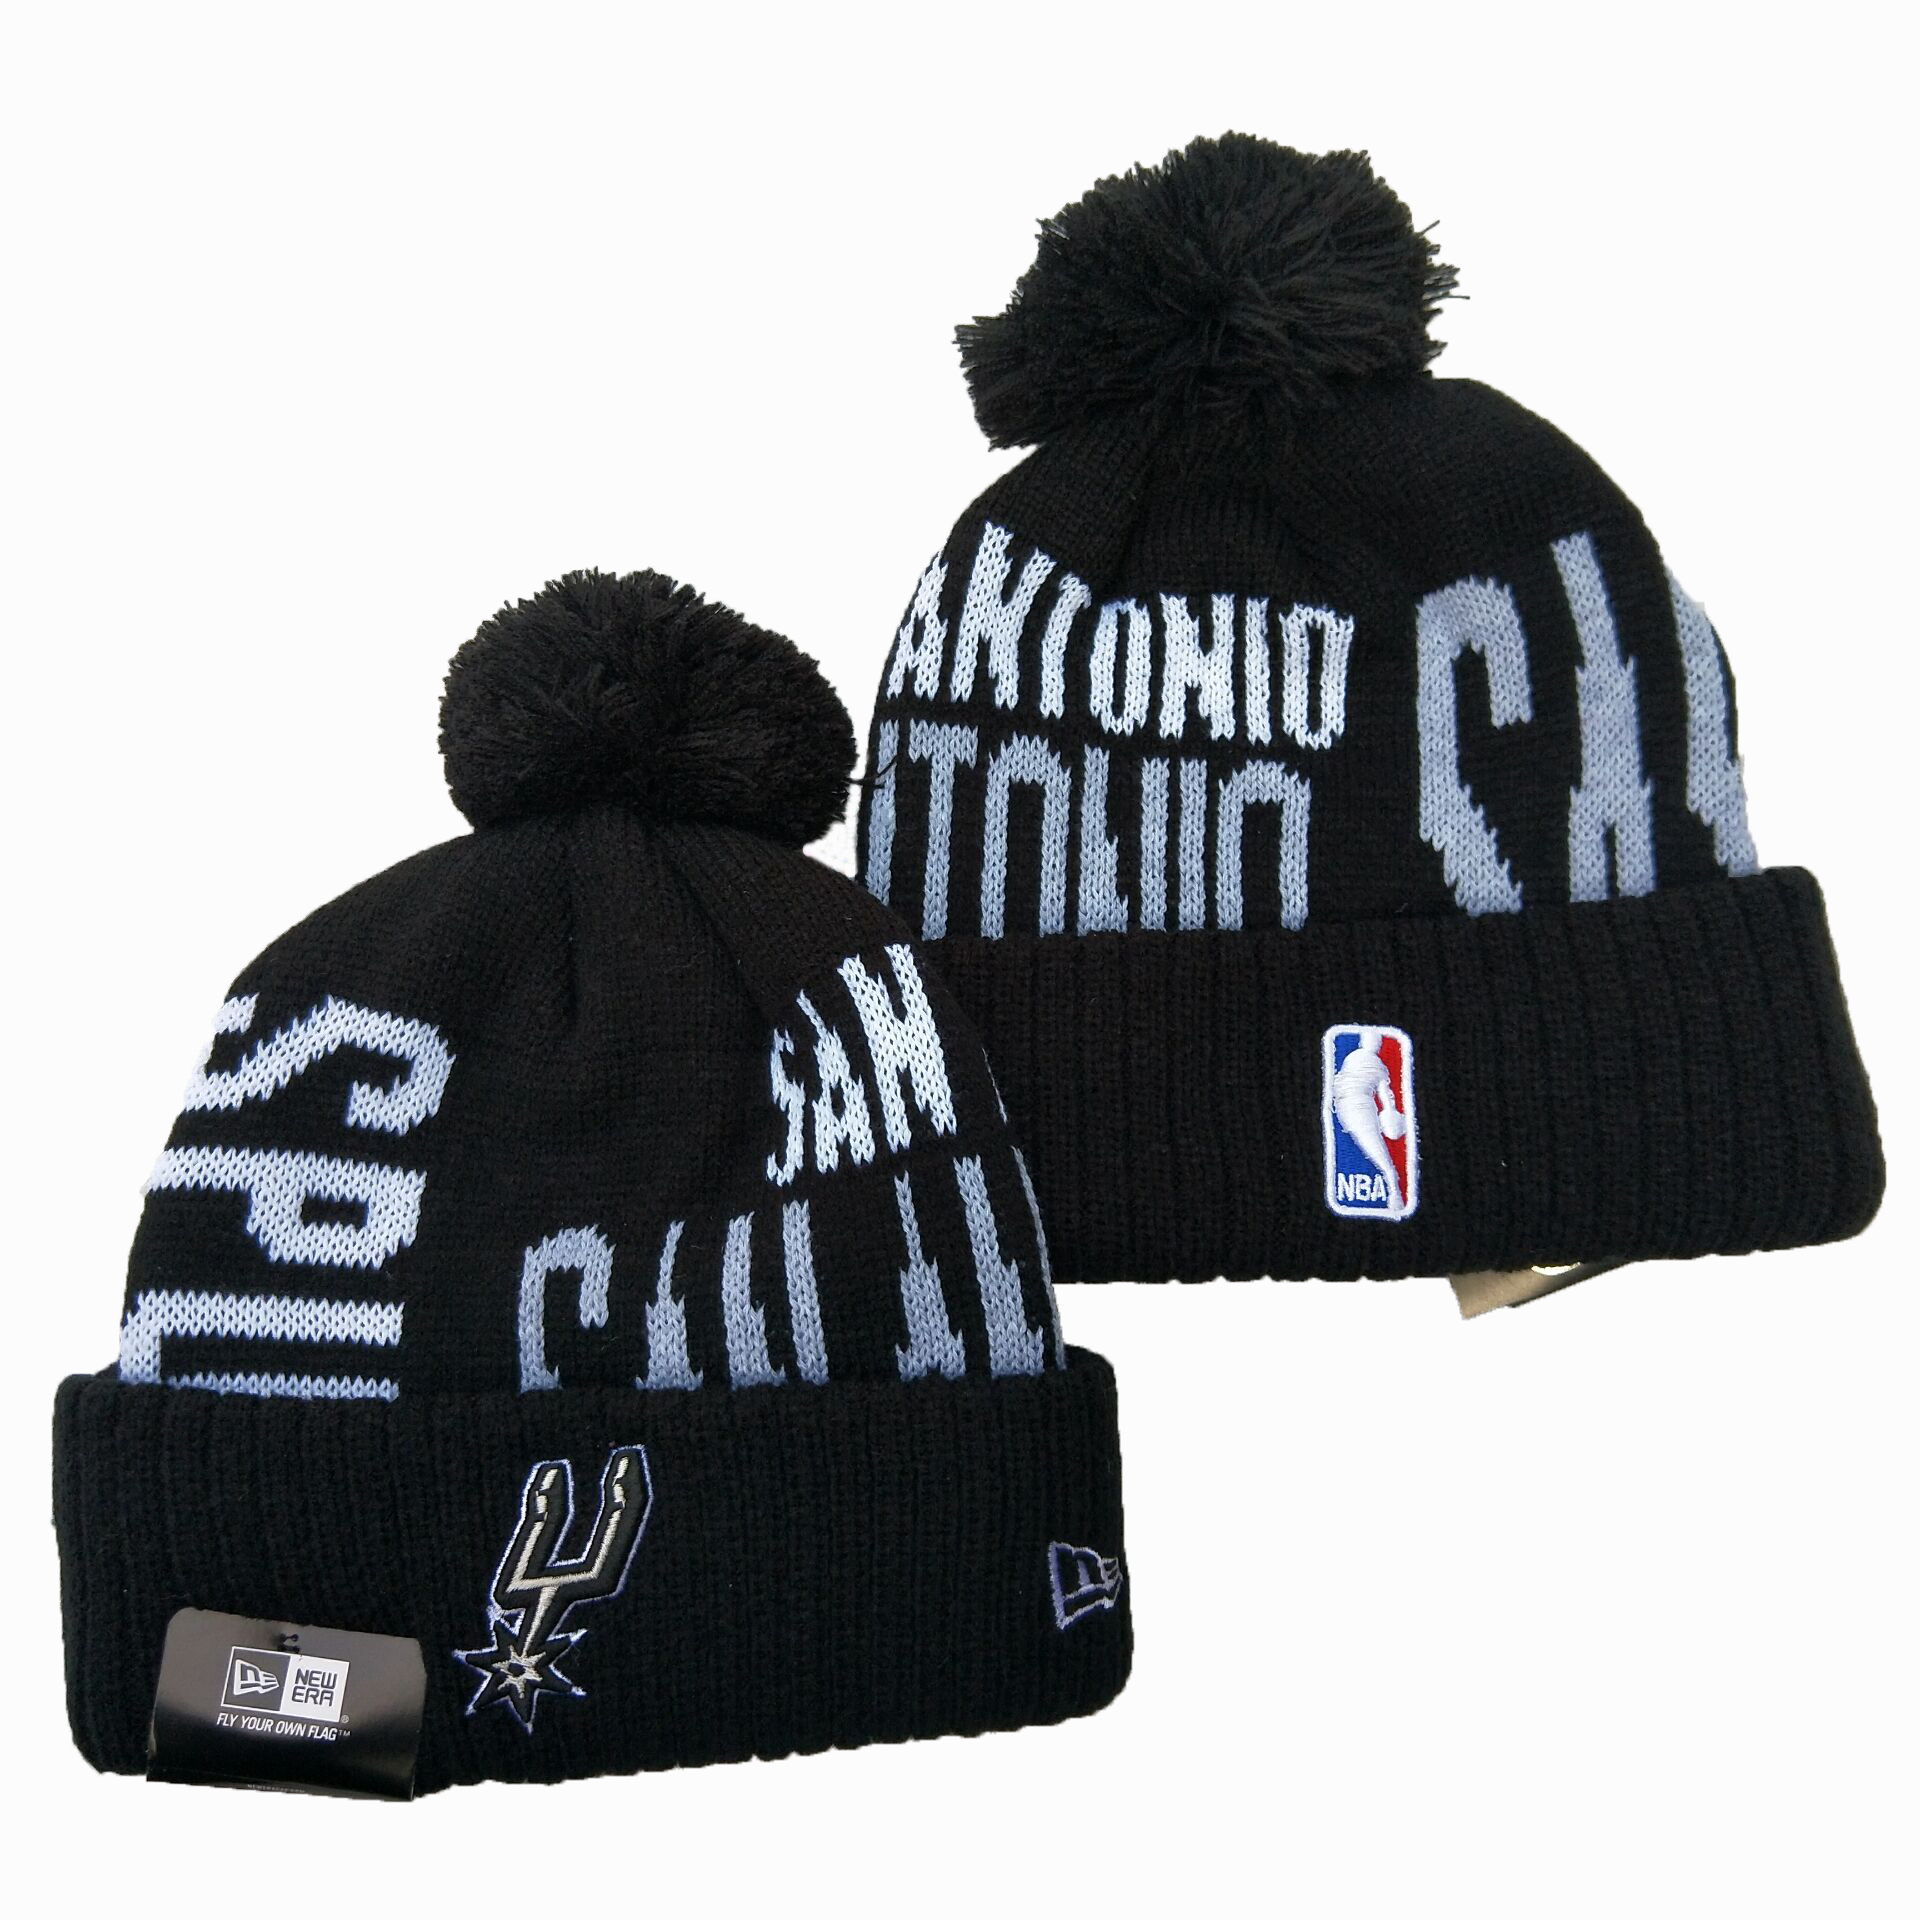 Spurs Team Logo Black Wordmark Cuffed Pom Knit Hat YD